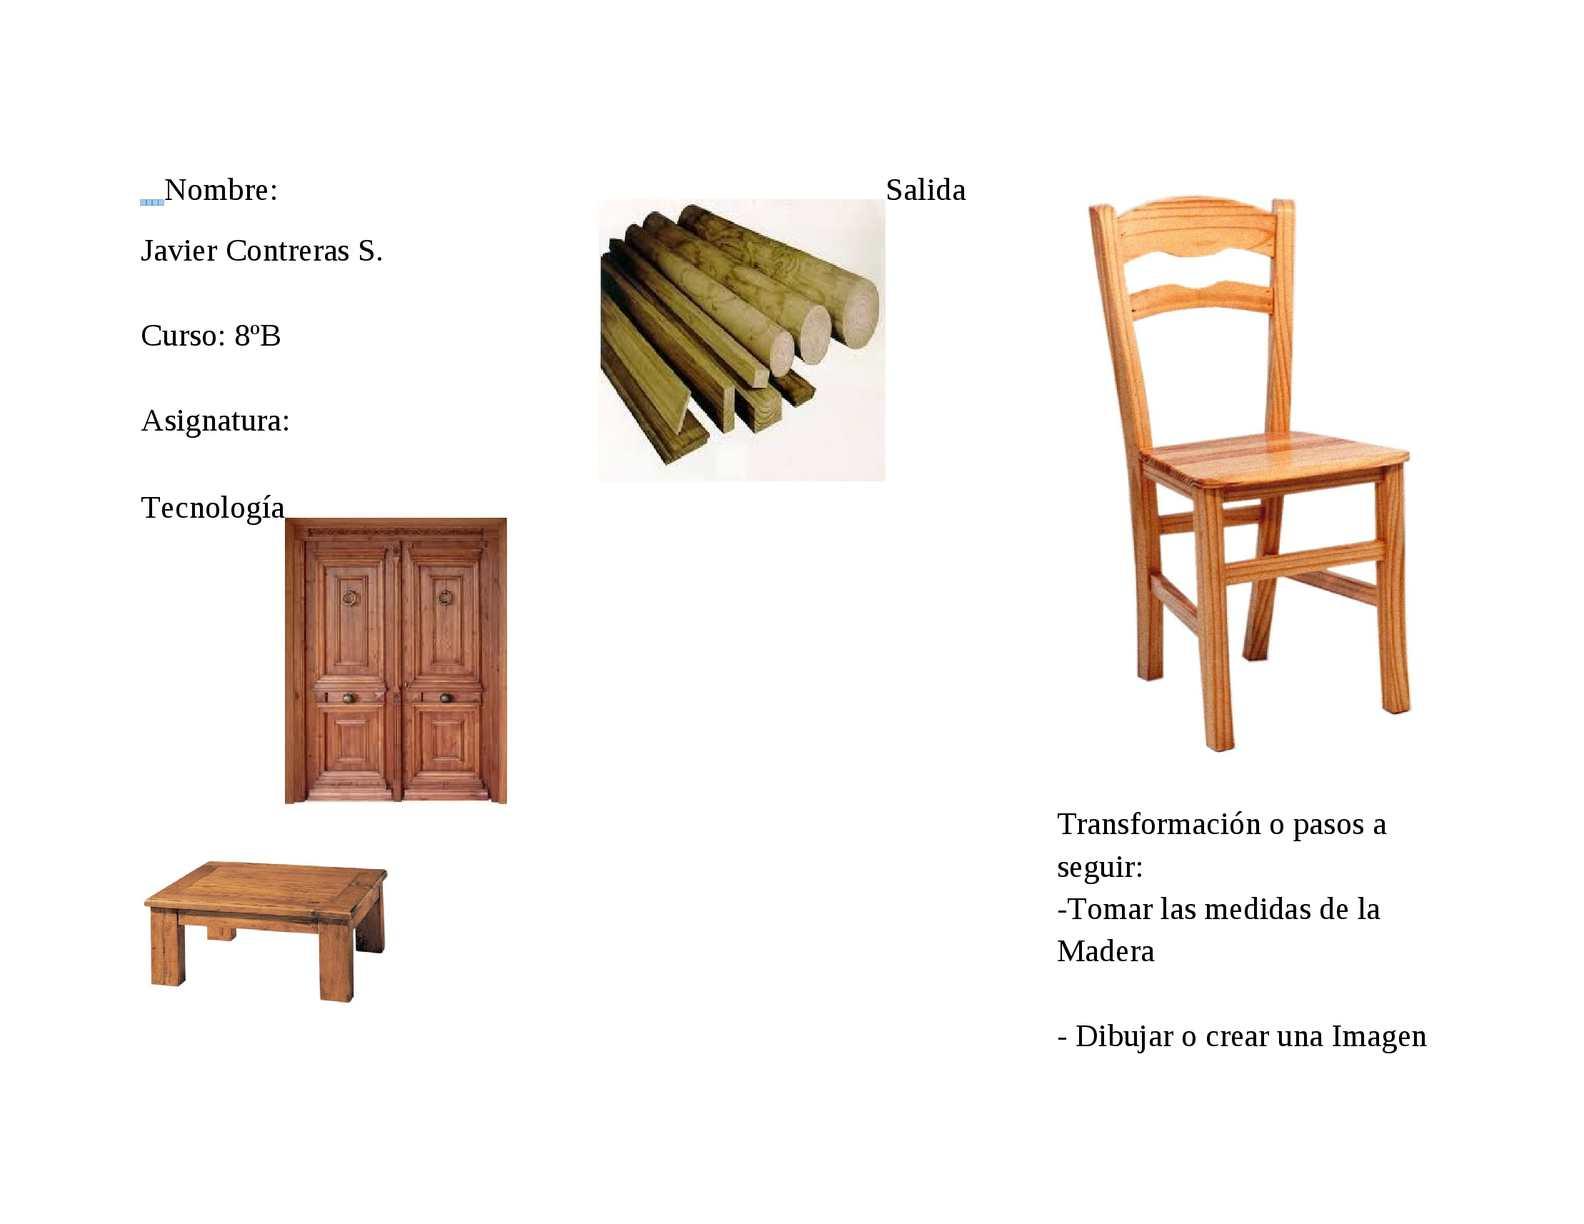 Calam o proceso productivo de la silla for Silla para dibujar